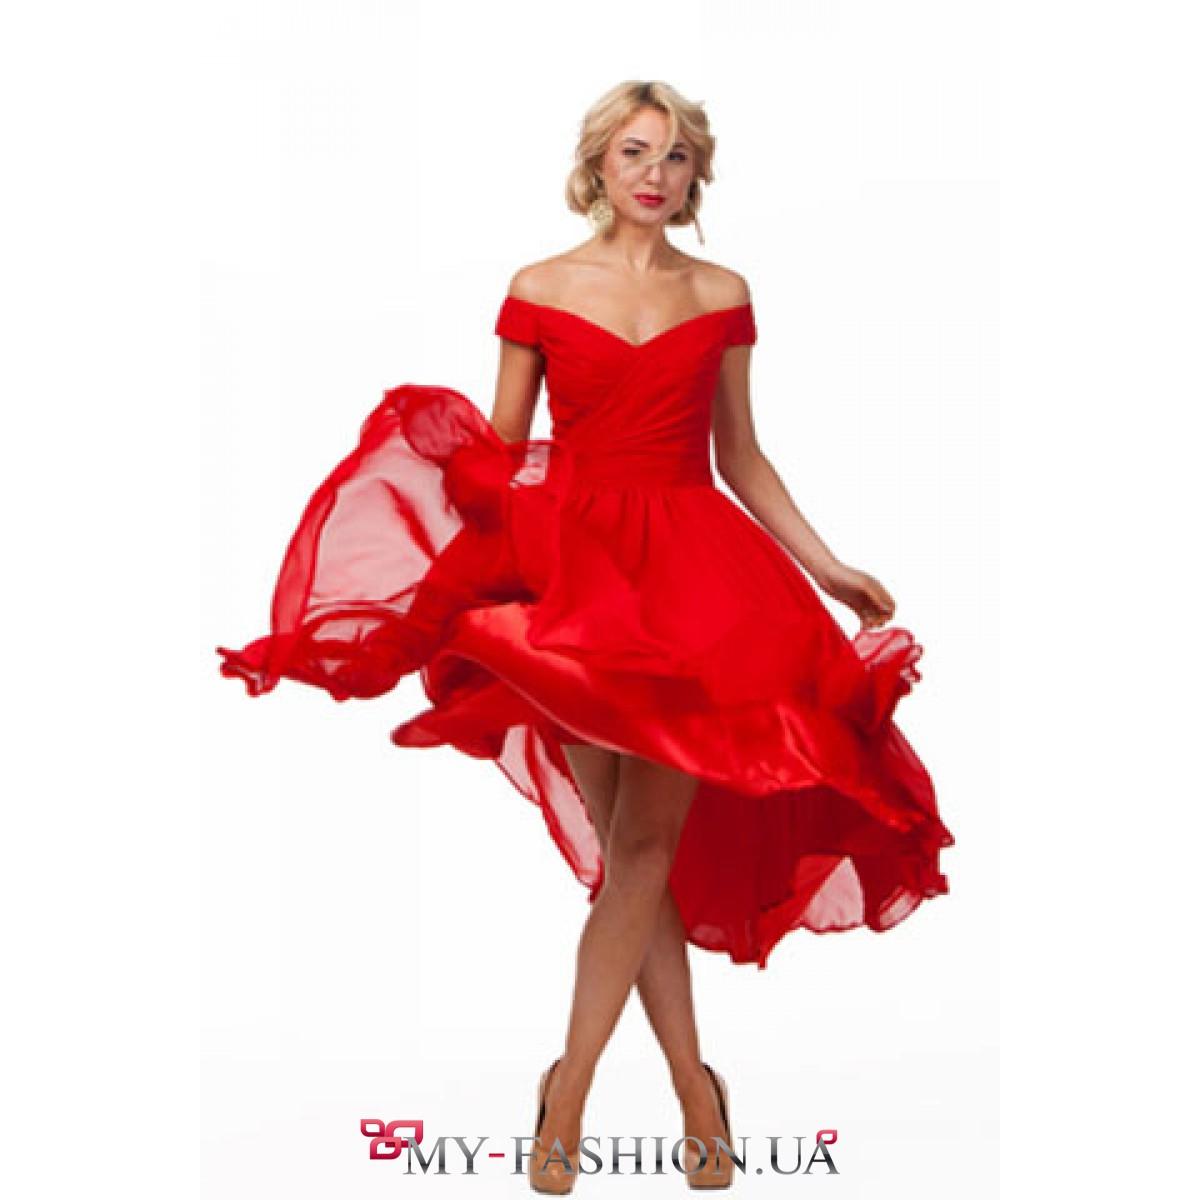 ea99cc2357c Красное вечернее платье Musthave купить в Киеве